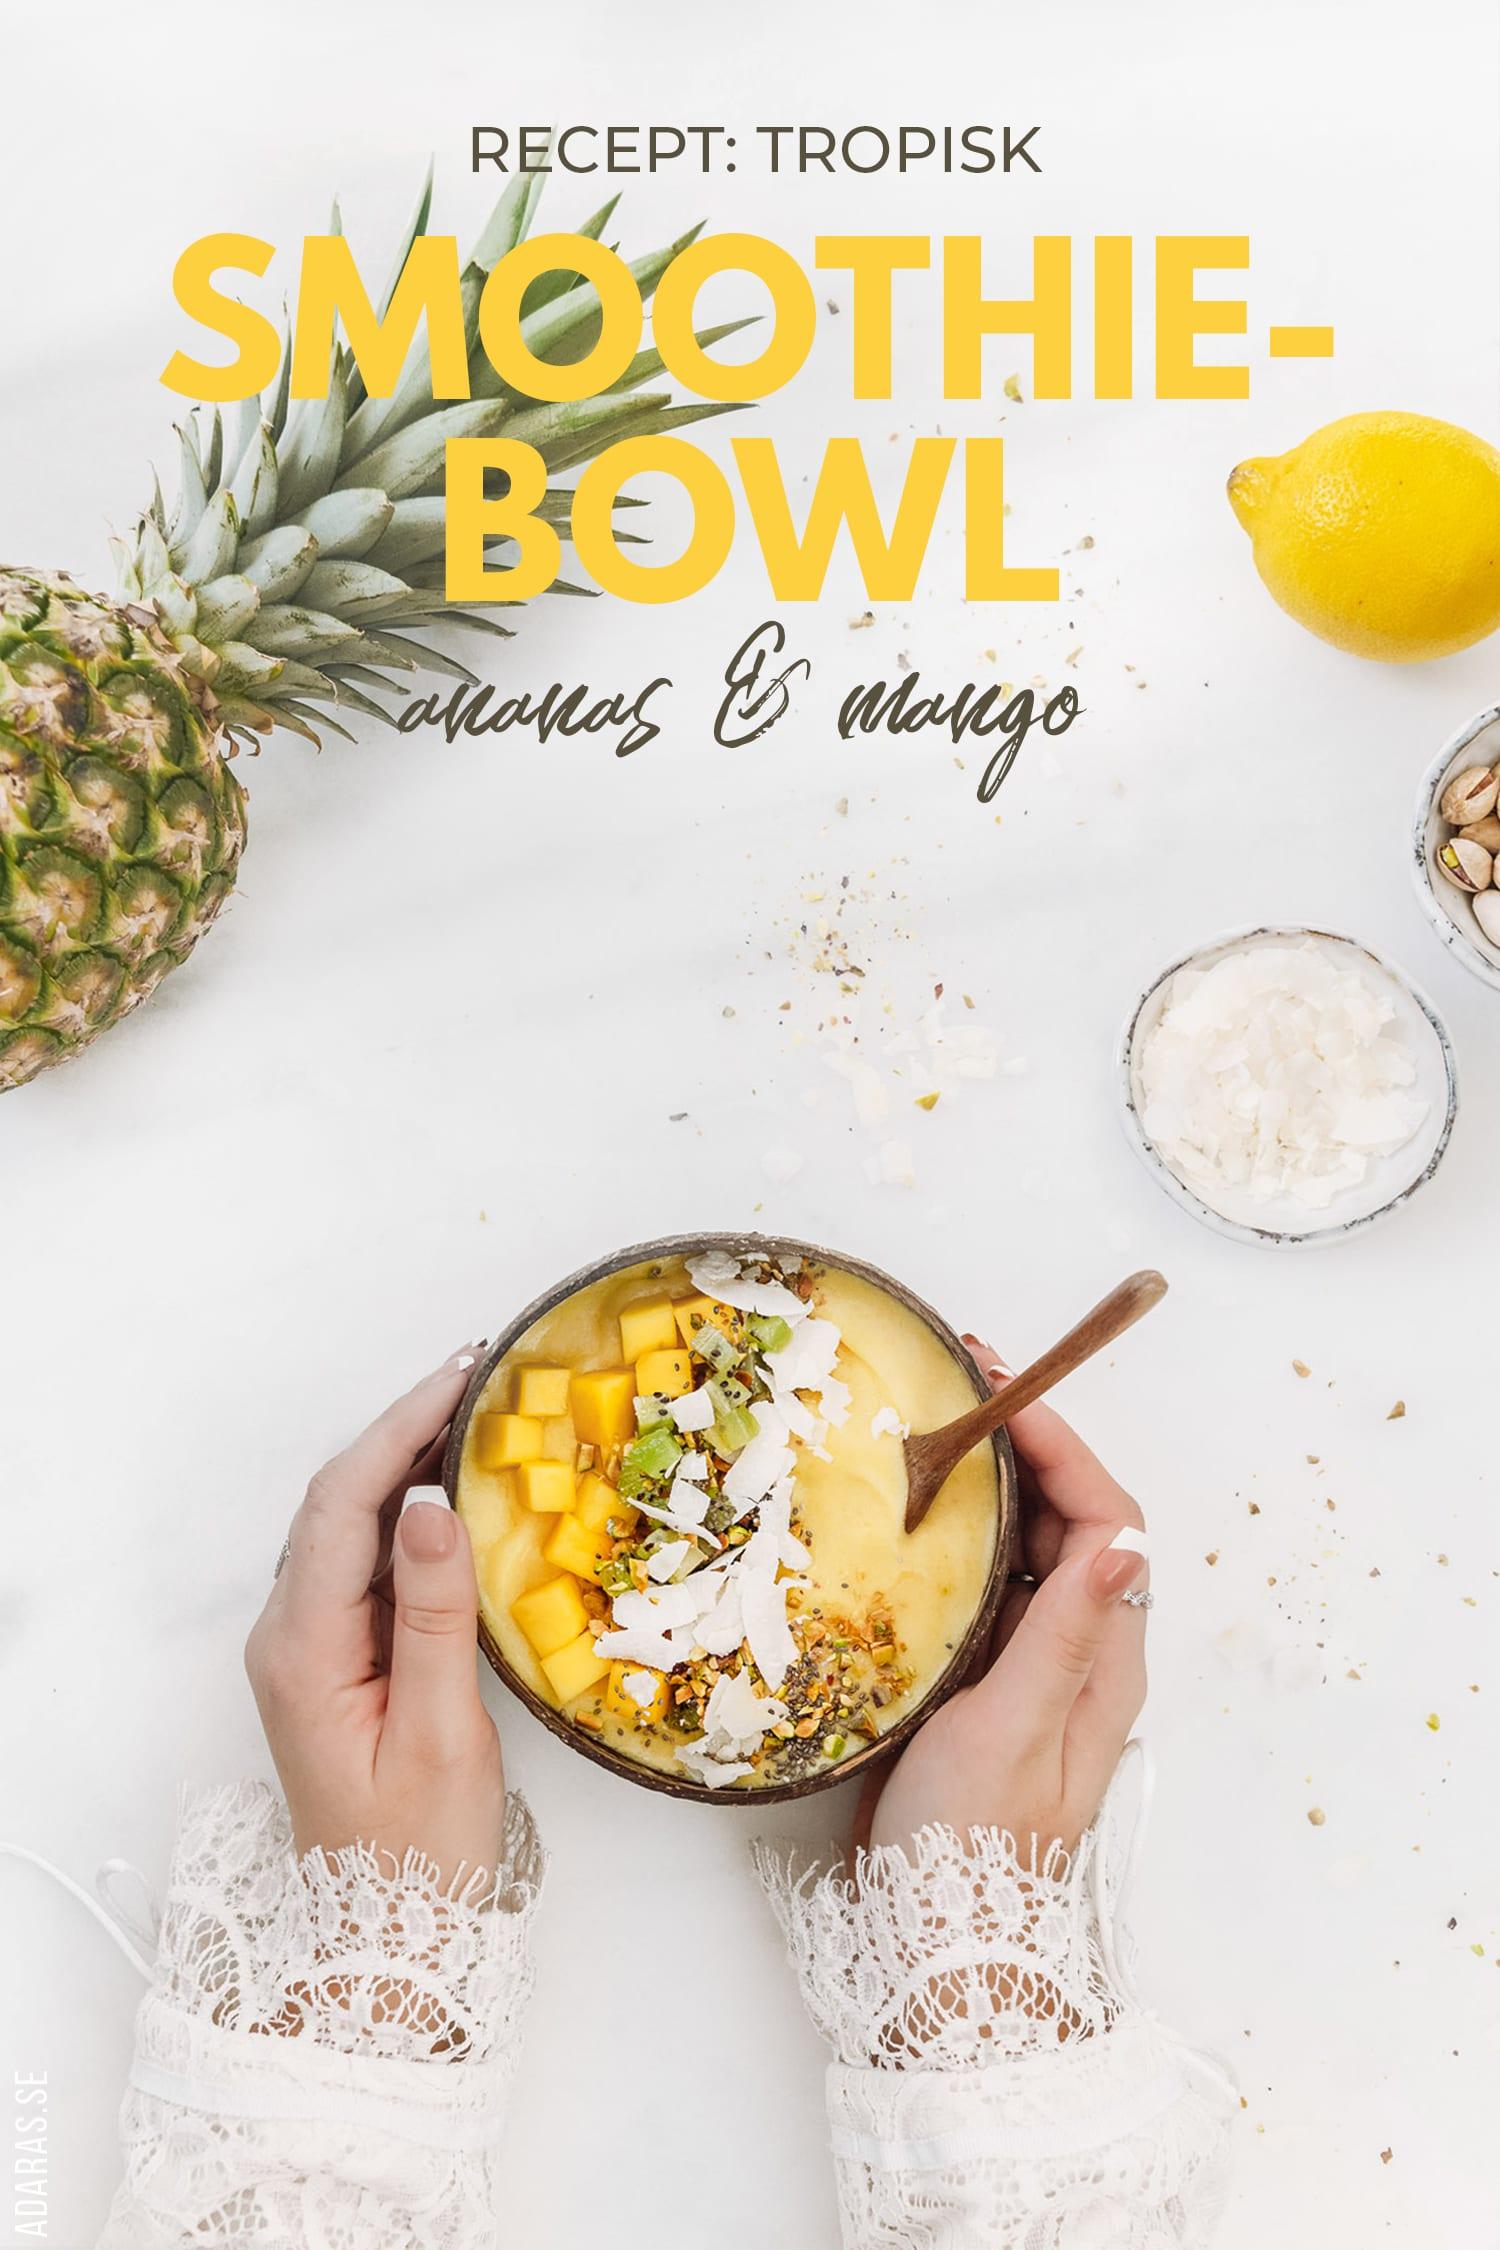 Tropisk Smoothiebowl med Ananas, Mango & Kokos |Veganskt Recept